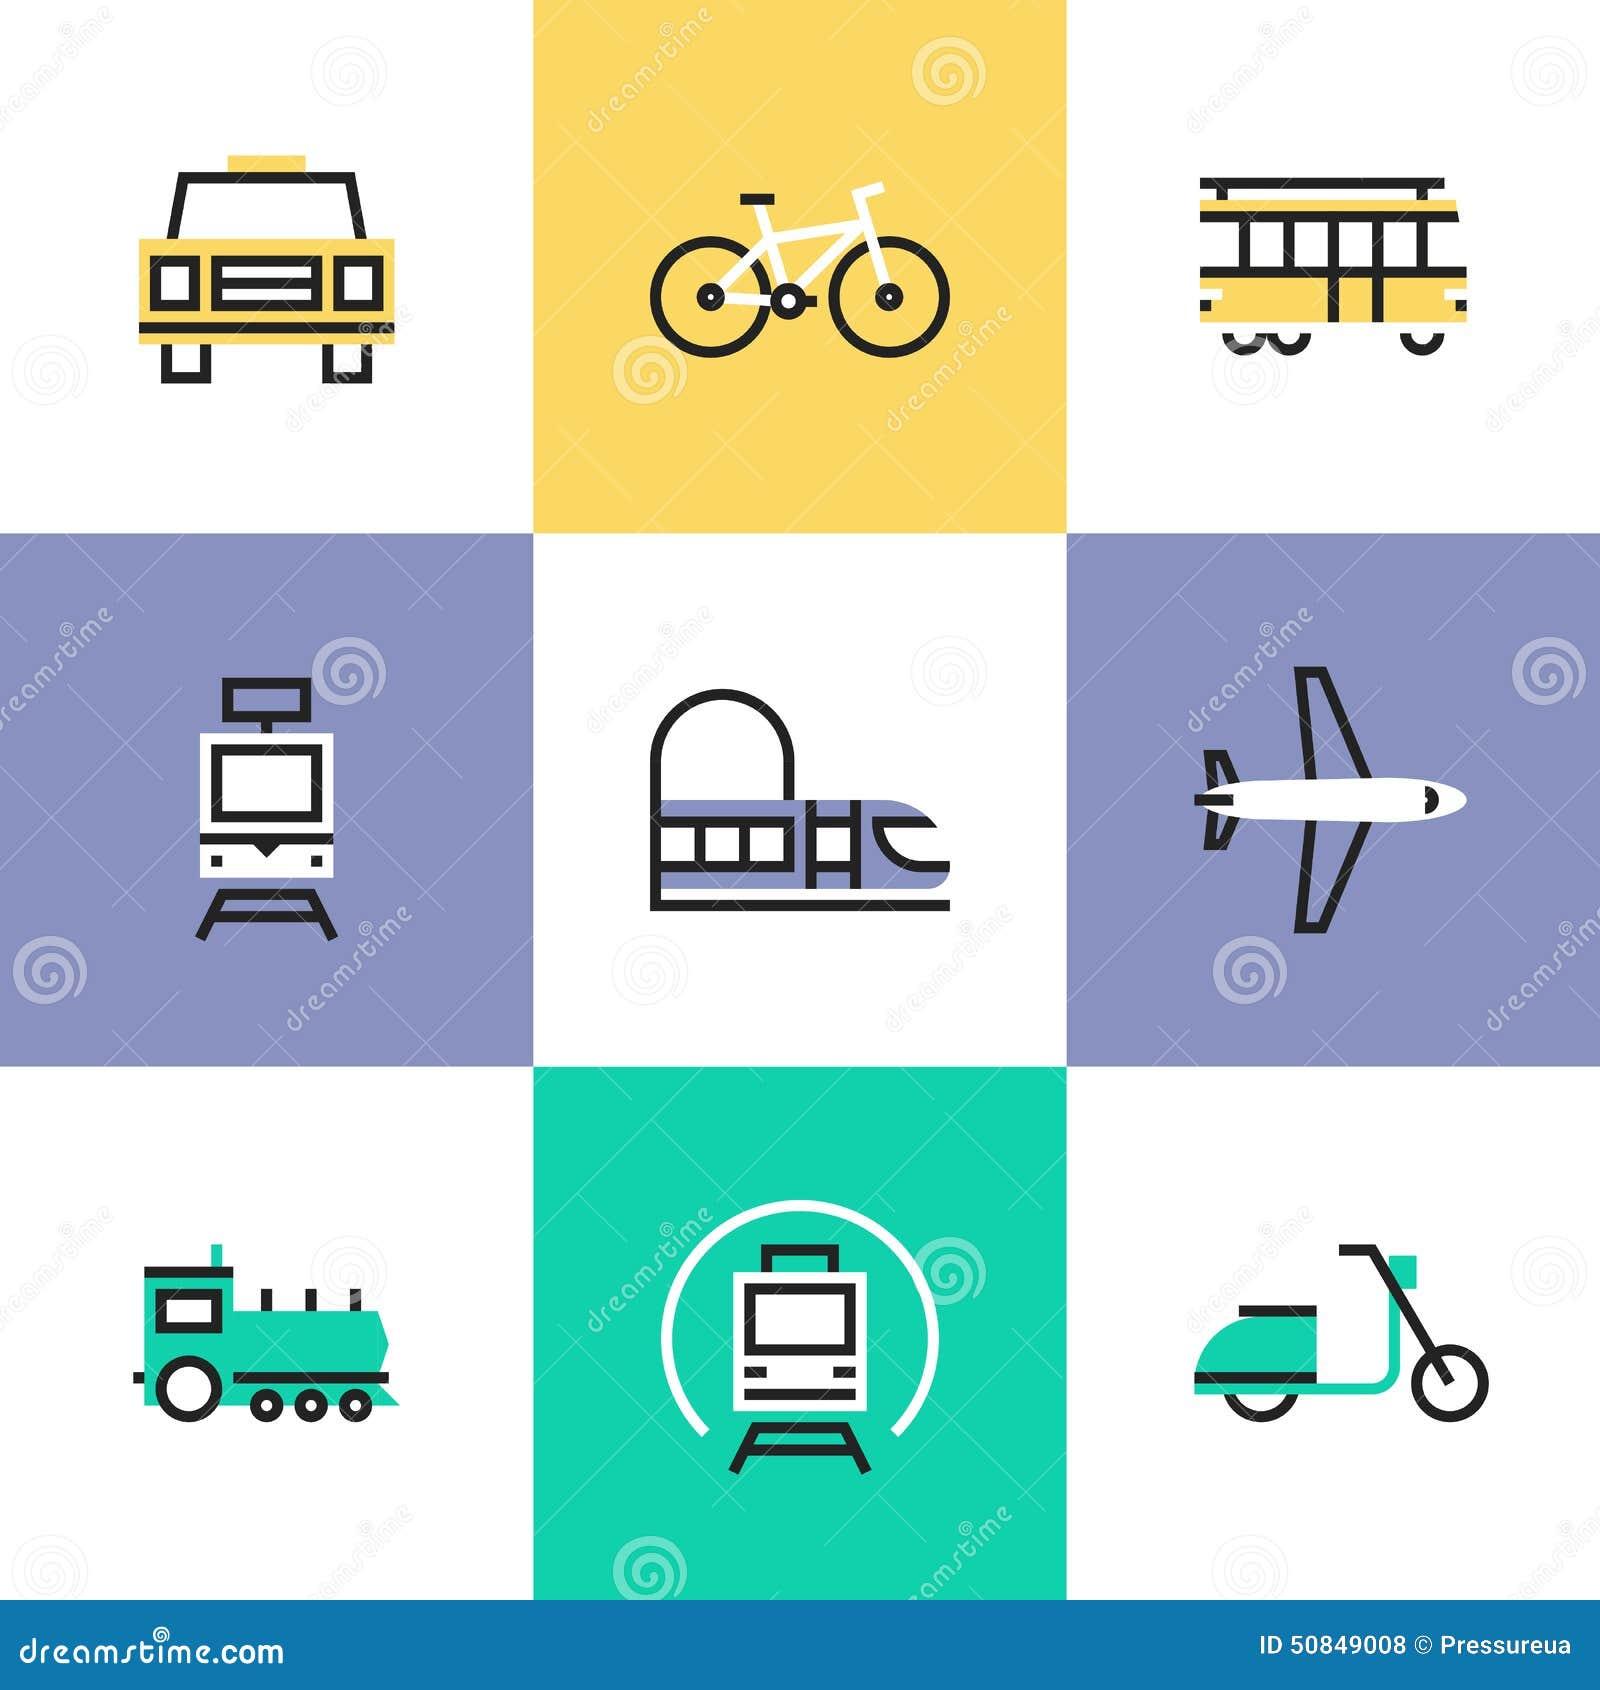 Piktogrammikonen des öffentlichen Transports eingestellt